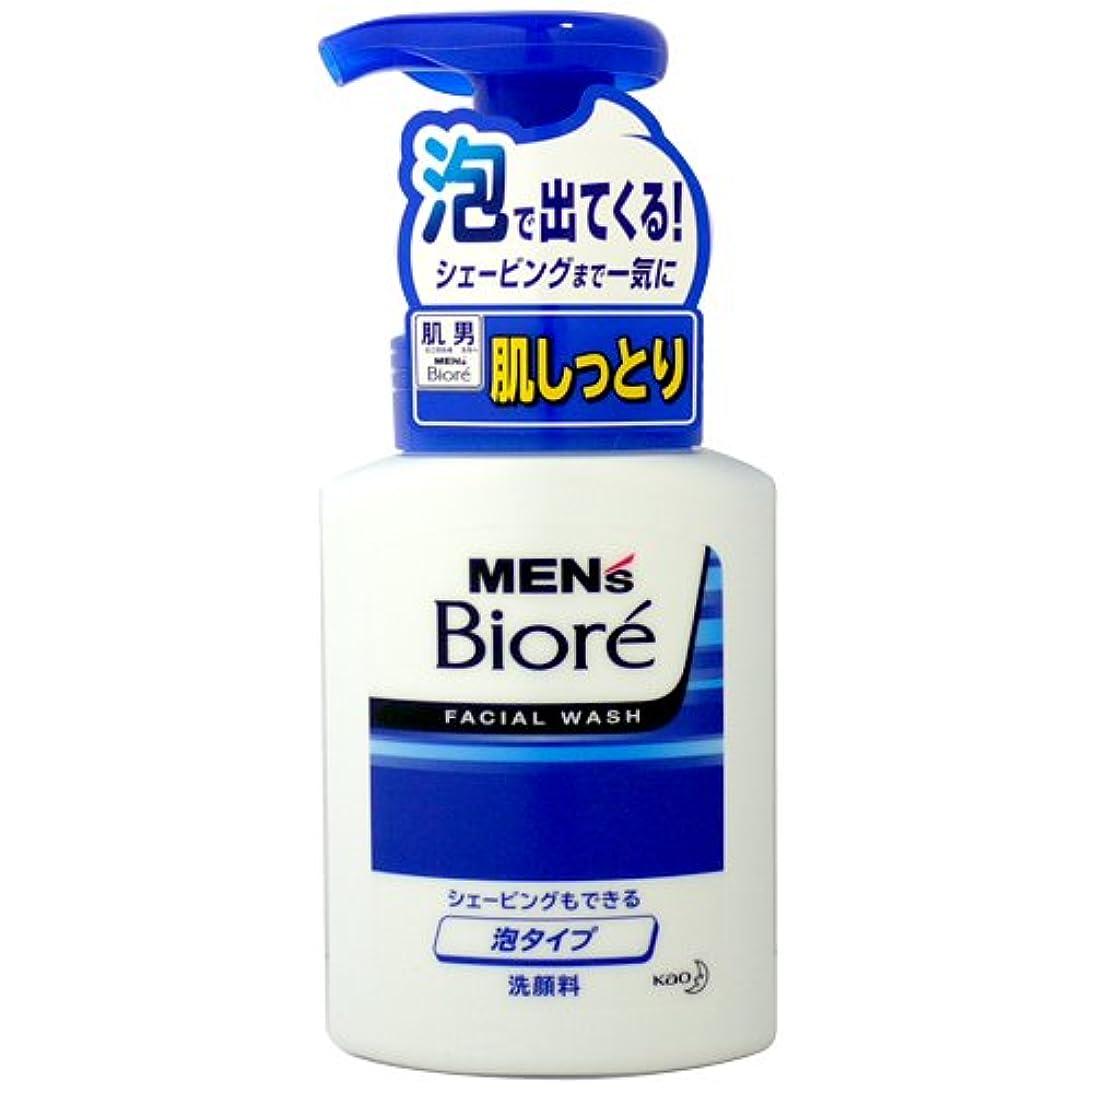 ウェーハ修復蘇生する【花王】メンズビオレ 泡タイプ洗顔 150ml